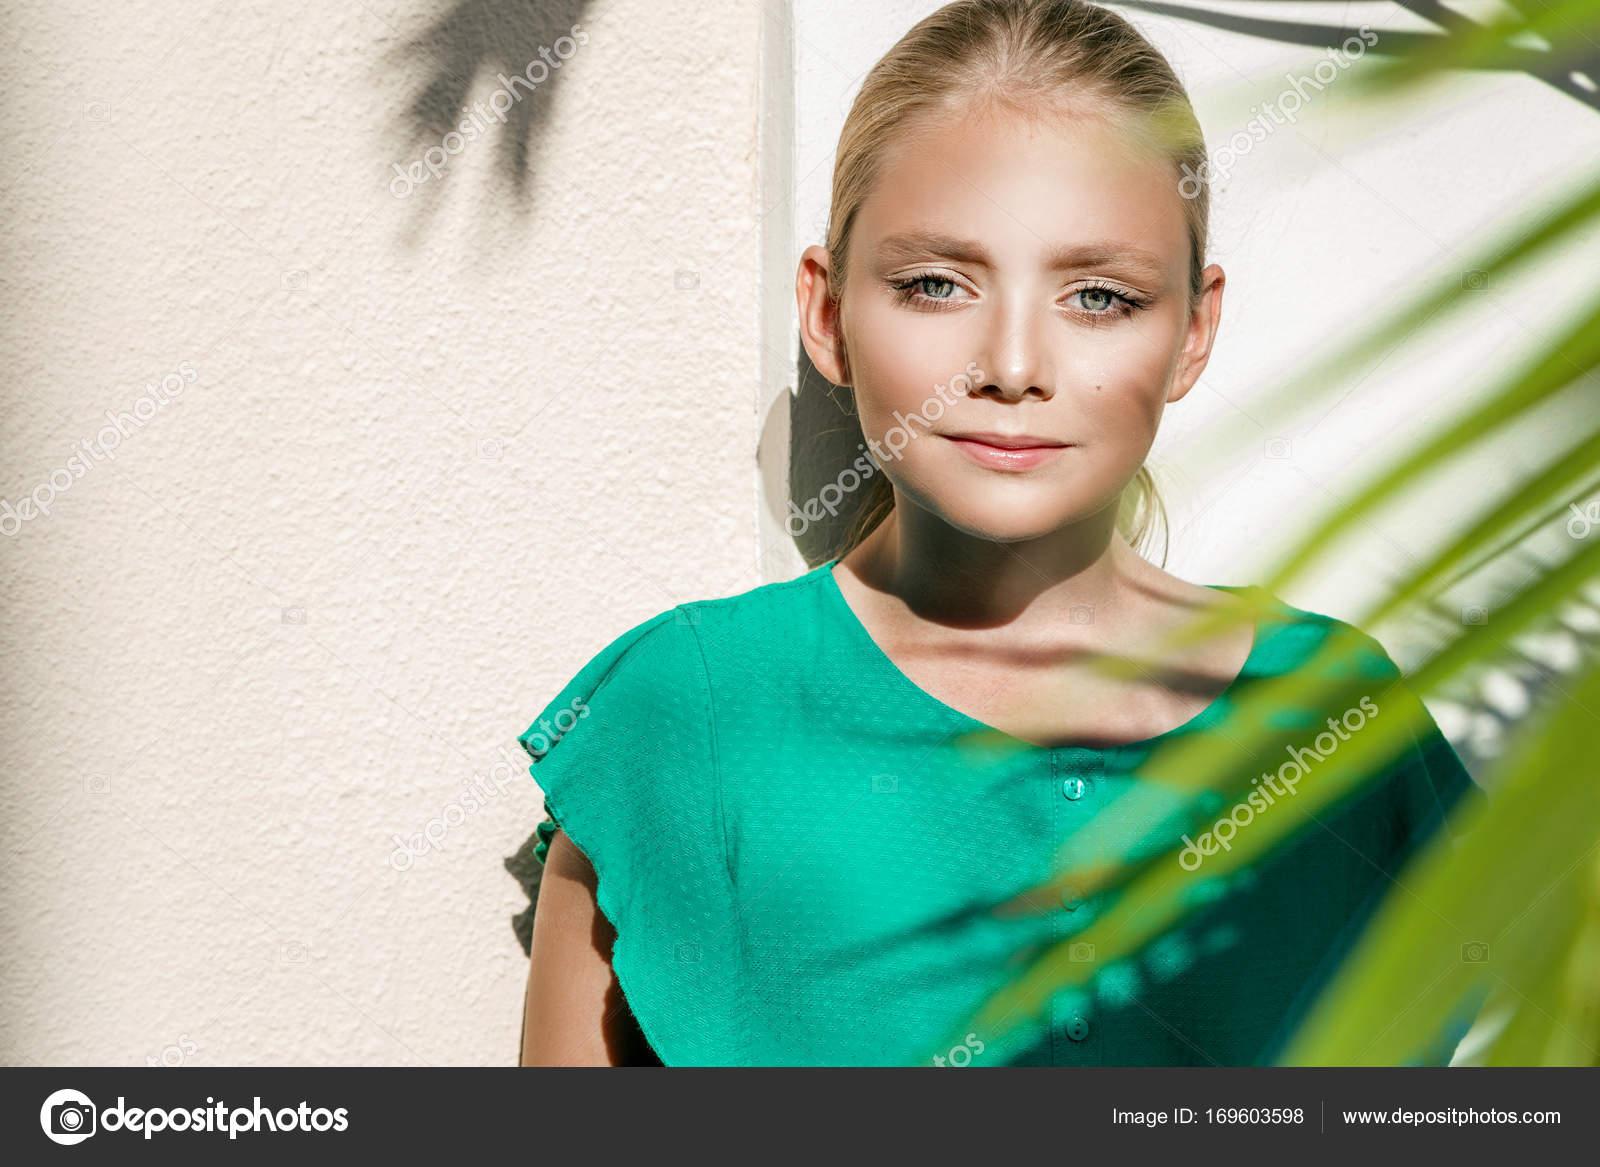 Schones Junges Madchen Die Kleinen Prinzessin Mit Blonden Haaren